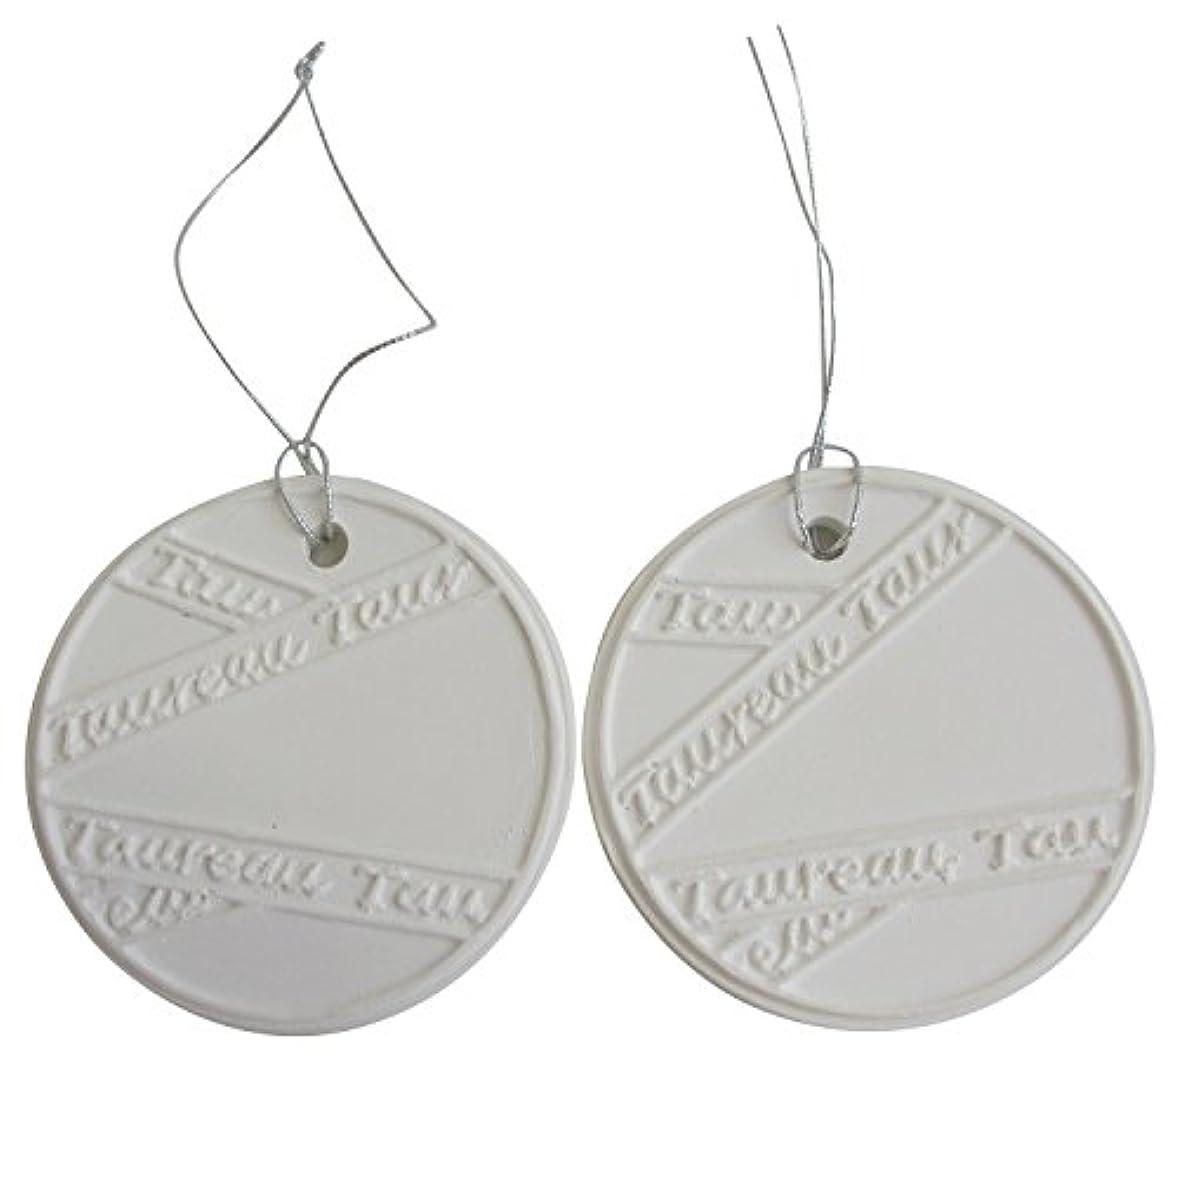 プットほこりっぽいシーフードアロマストーン ホワイトコイン2セット(リボン2) アクセサリー 小物 キーホルダー アロマディフューザー ペンダント 陶器製